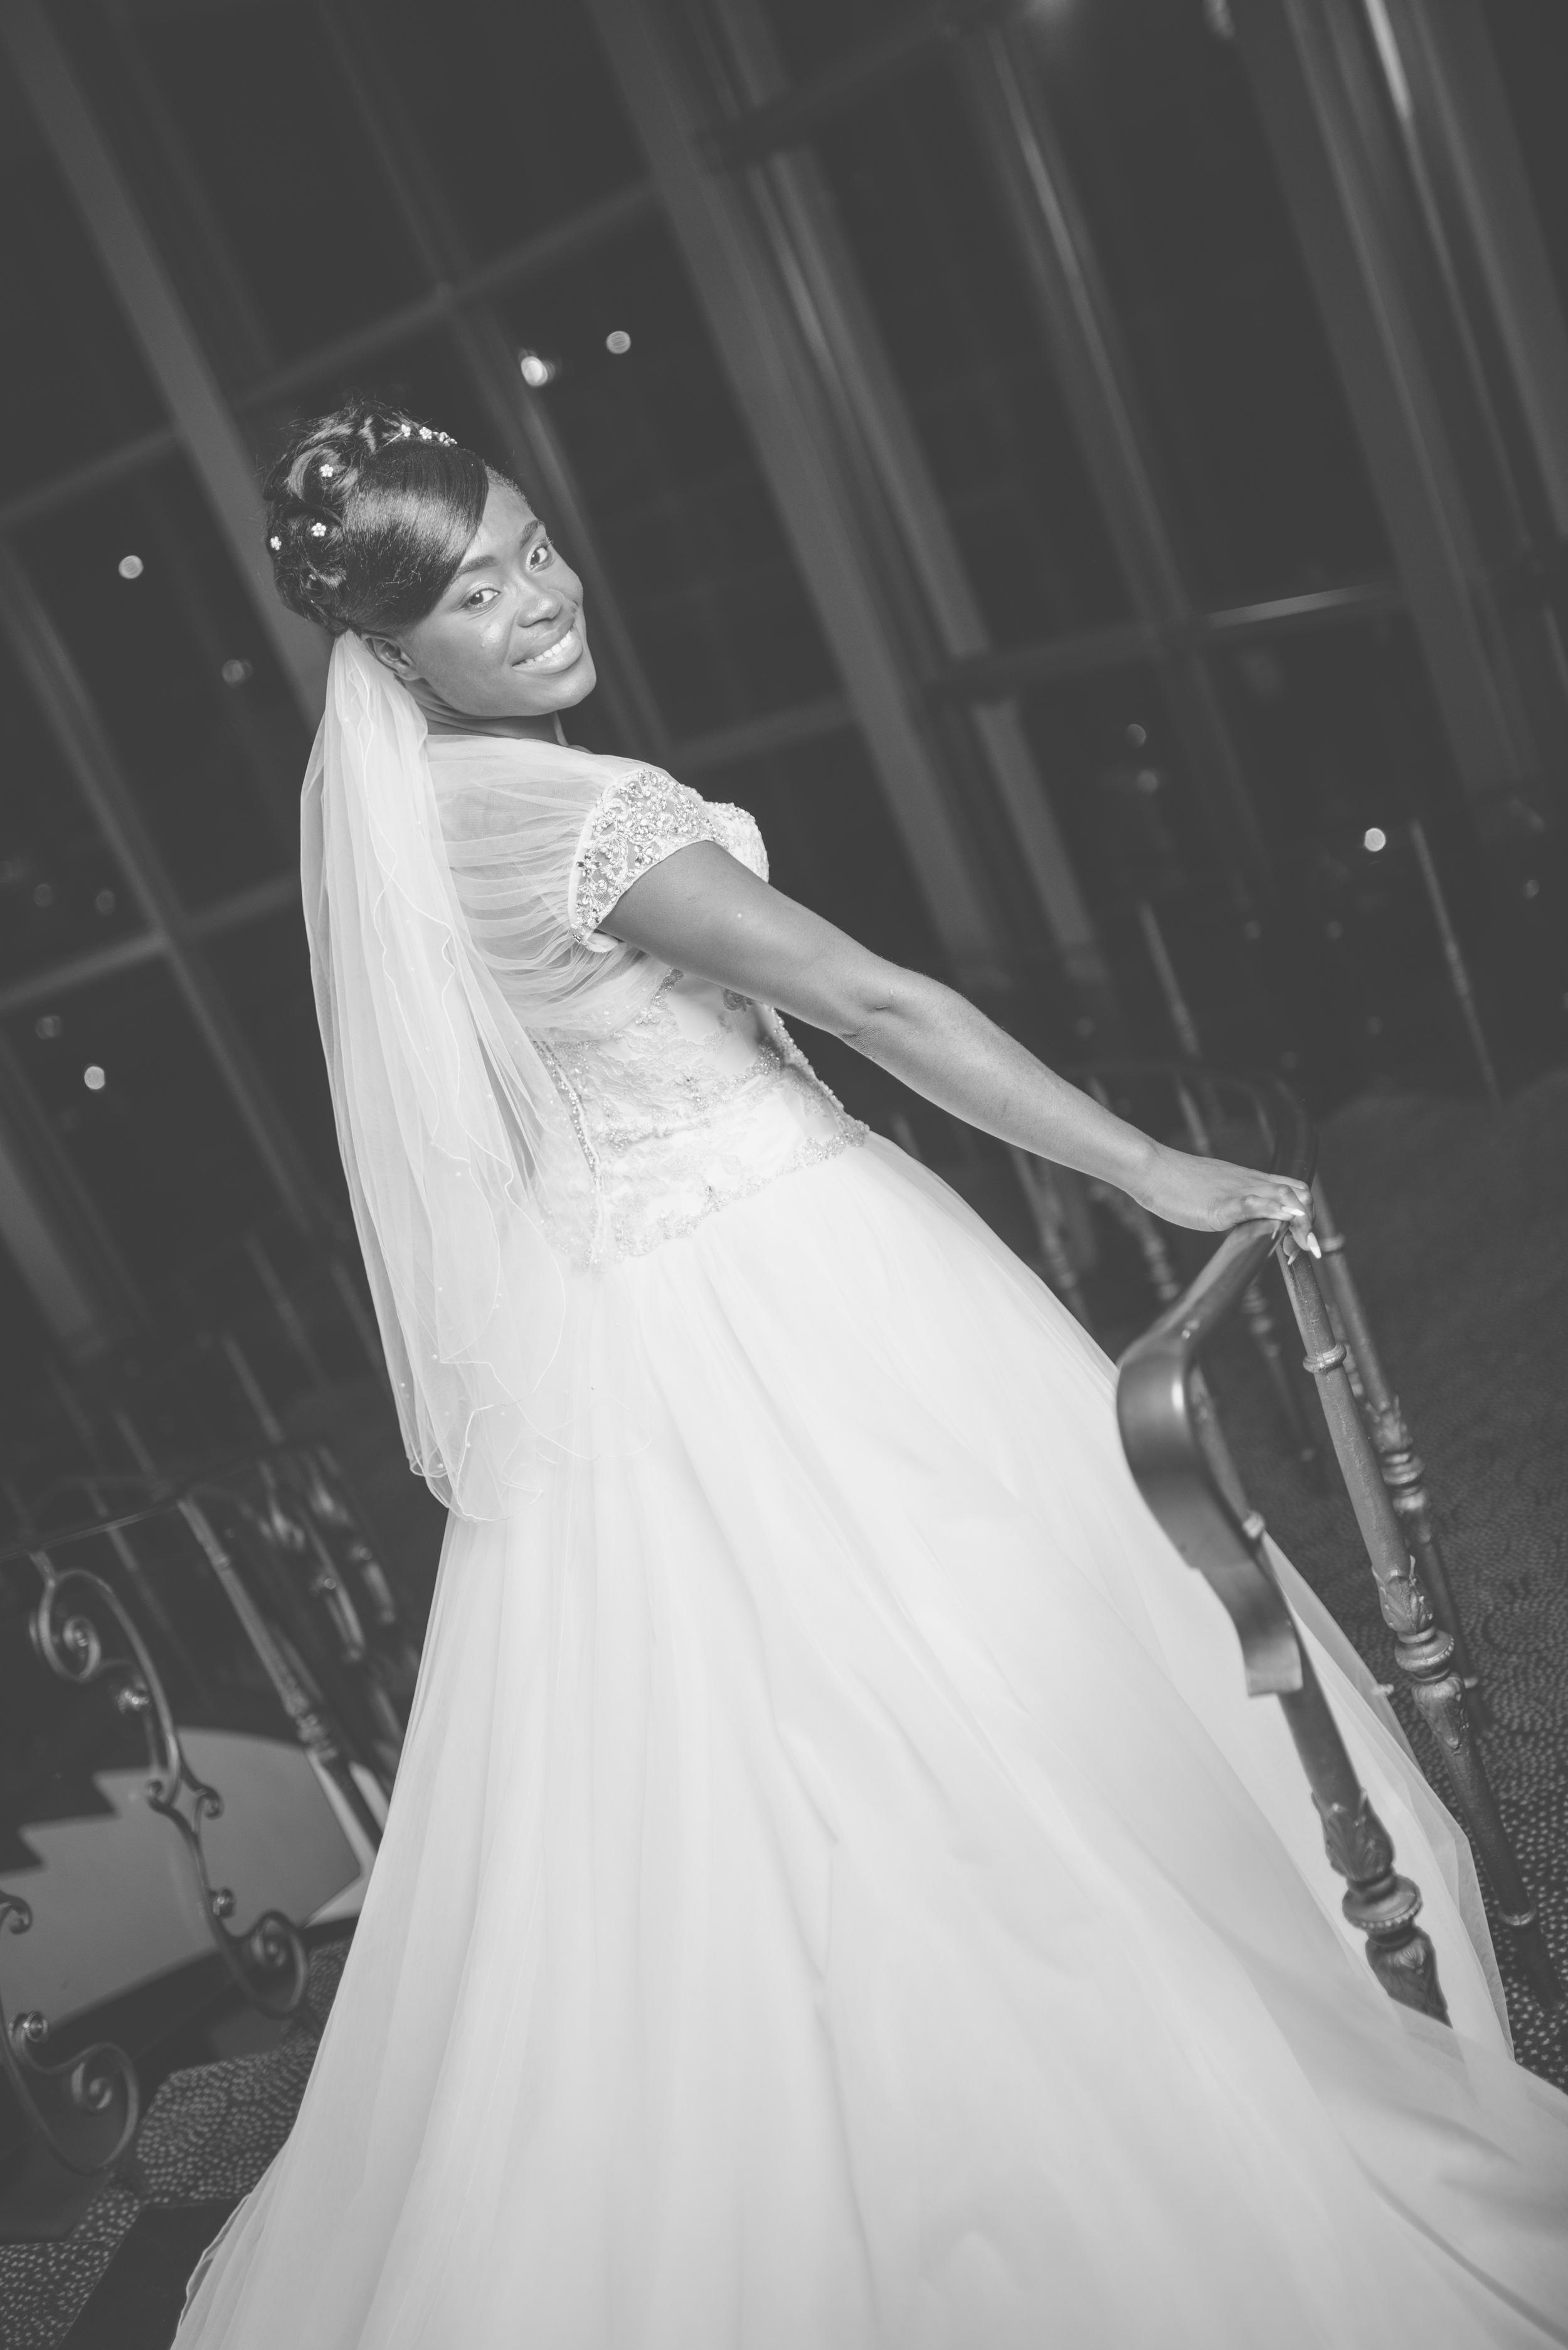 8-5-16 Wedding 214.jpg